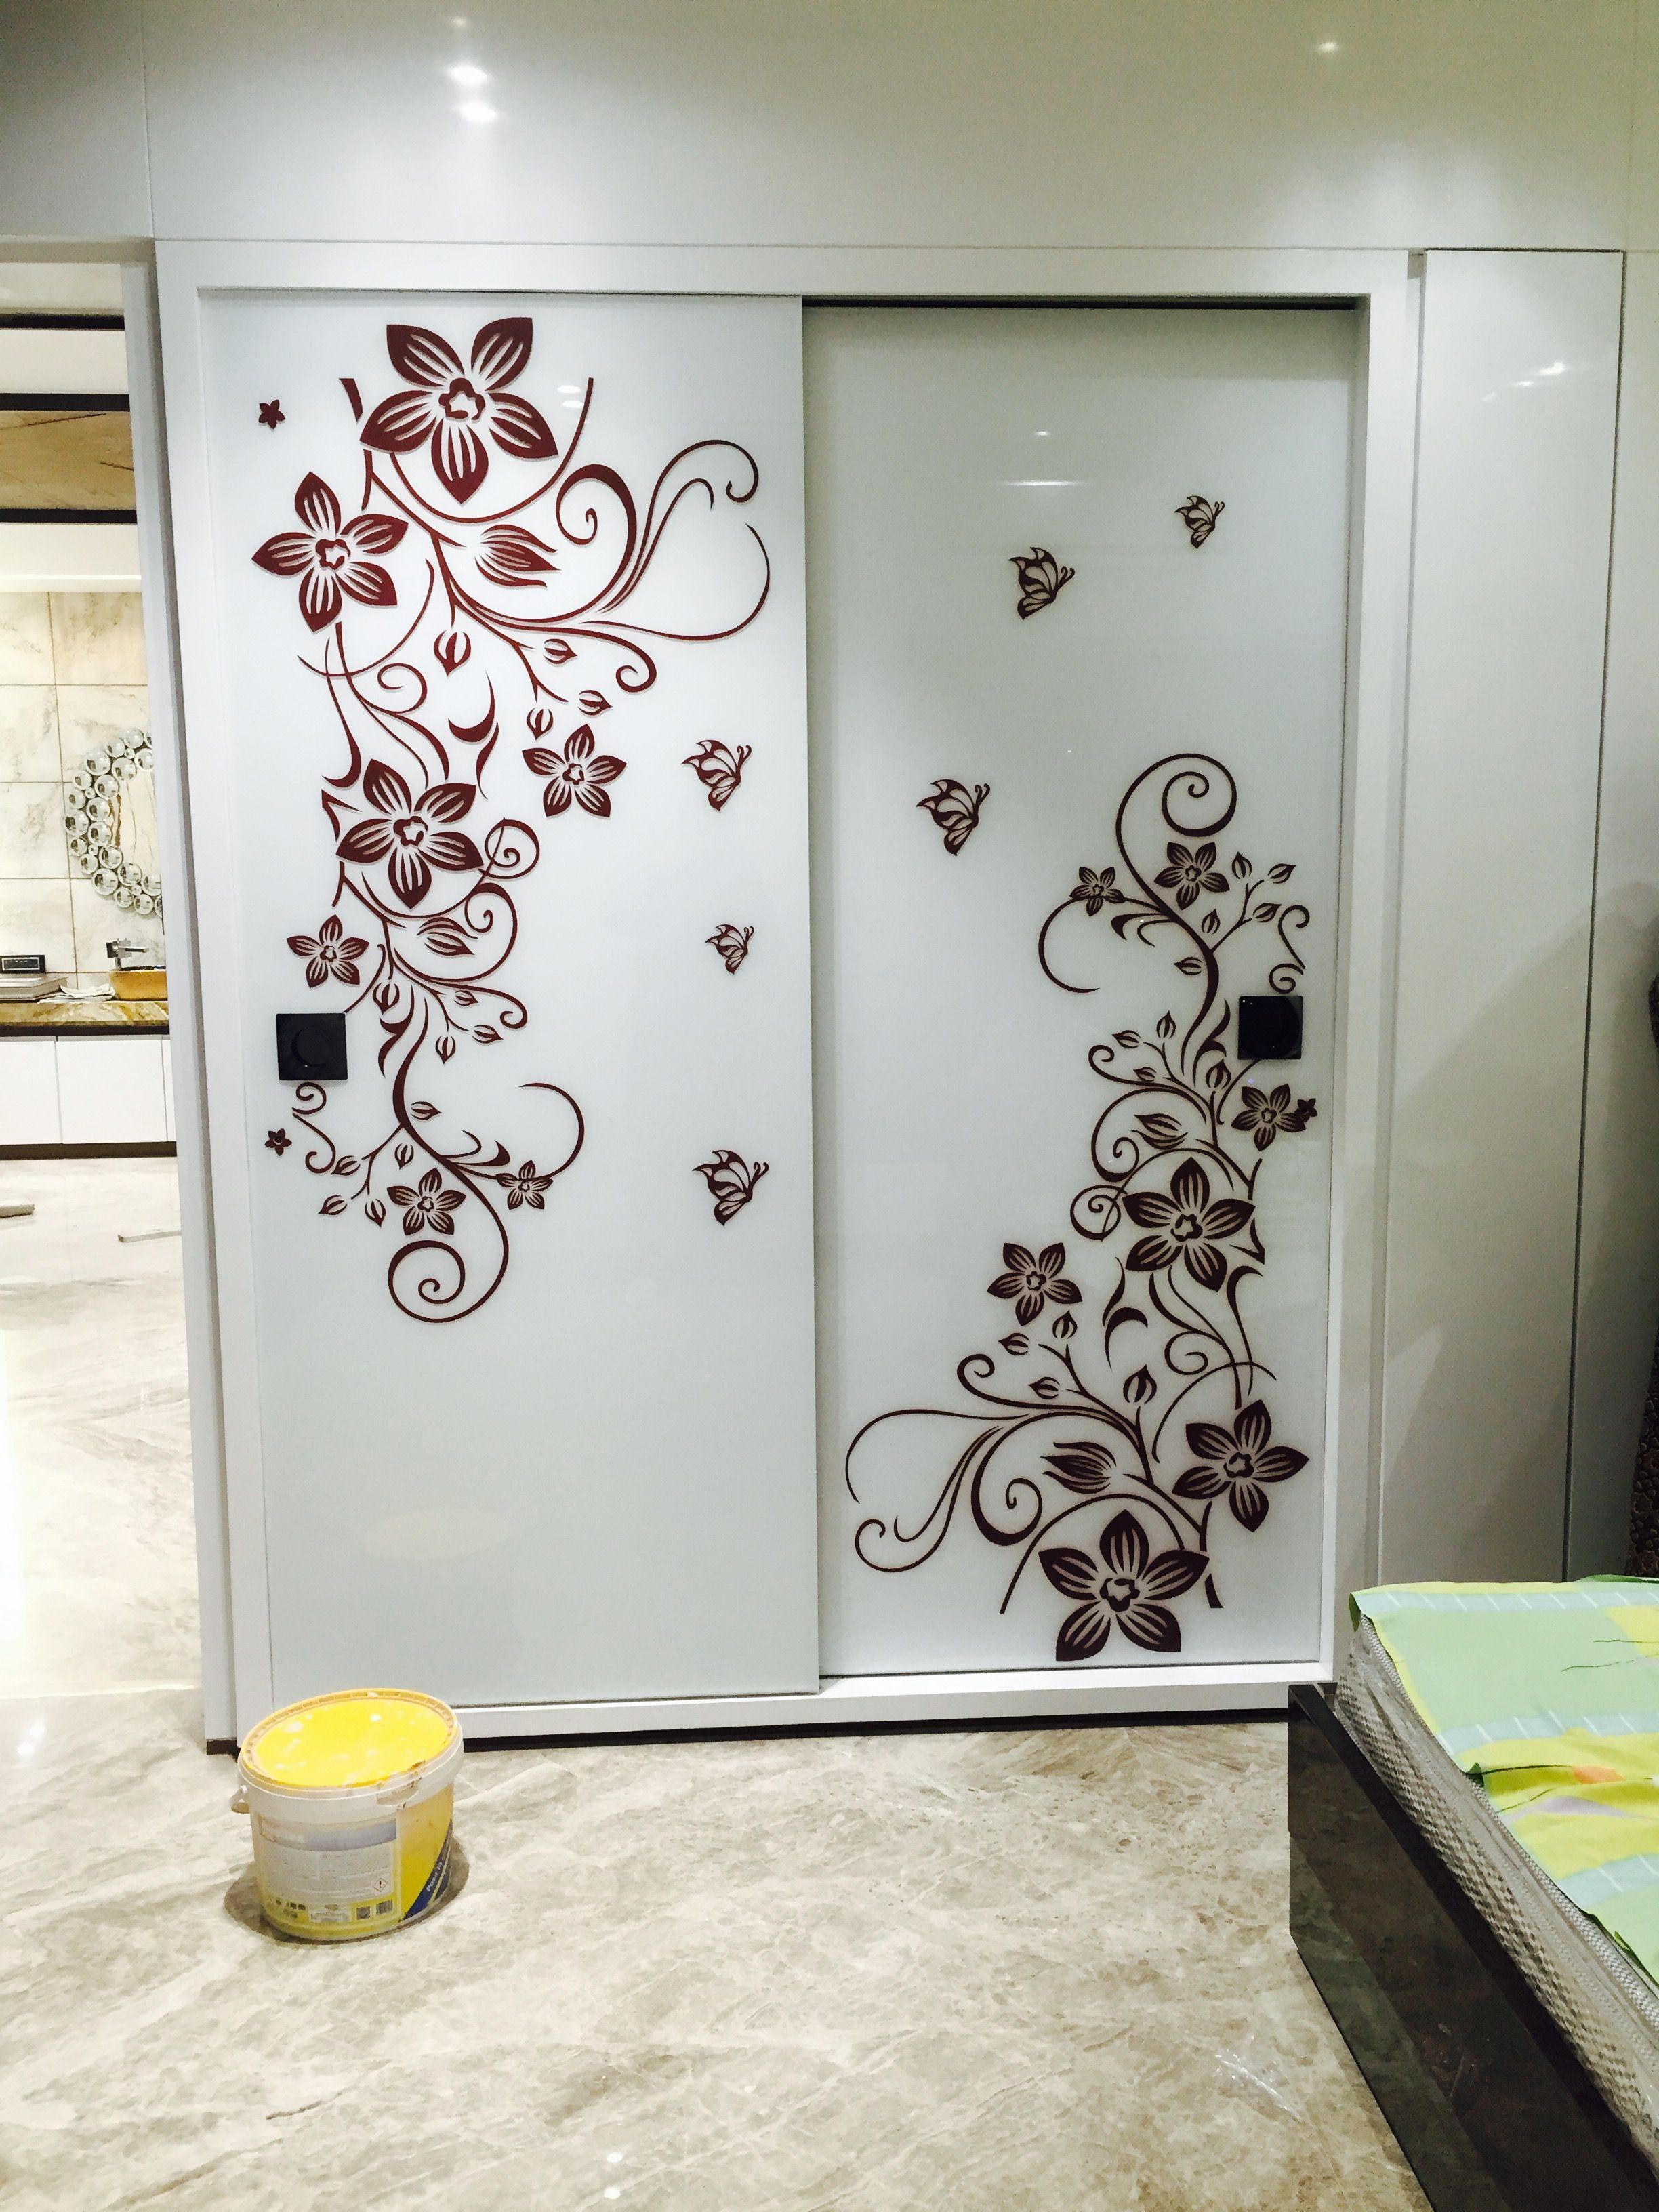 Vinyl wall art Bedroom cupboard designs, Door glass